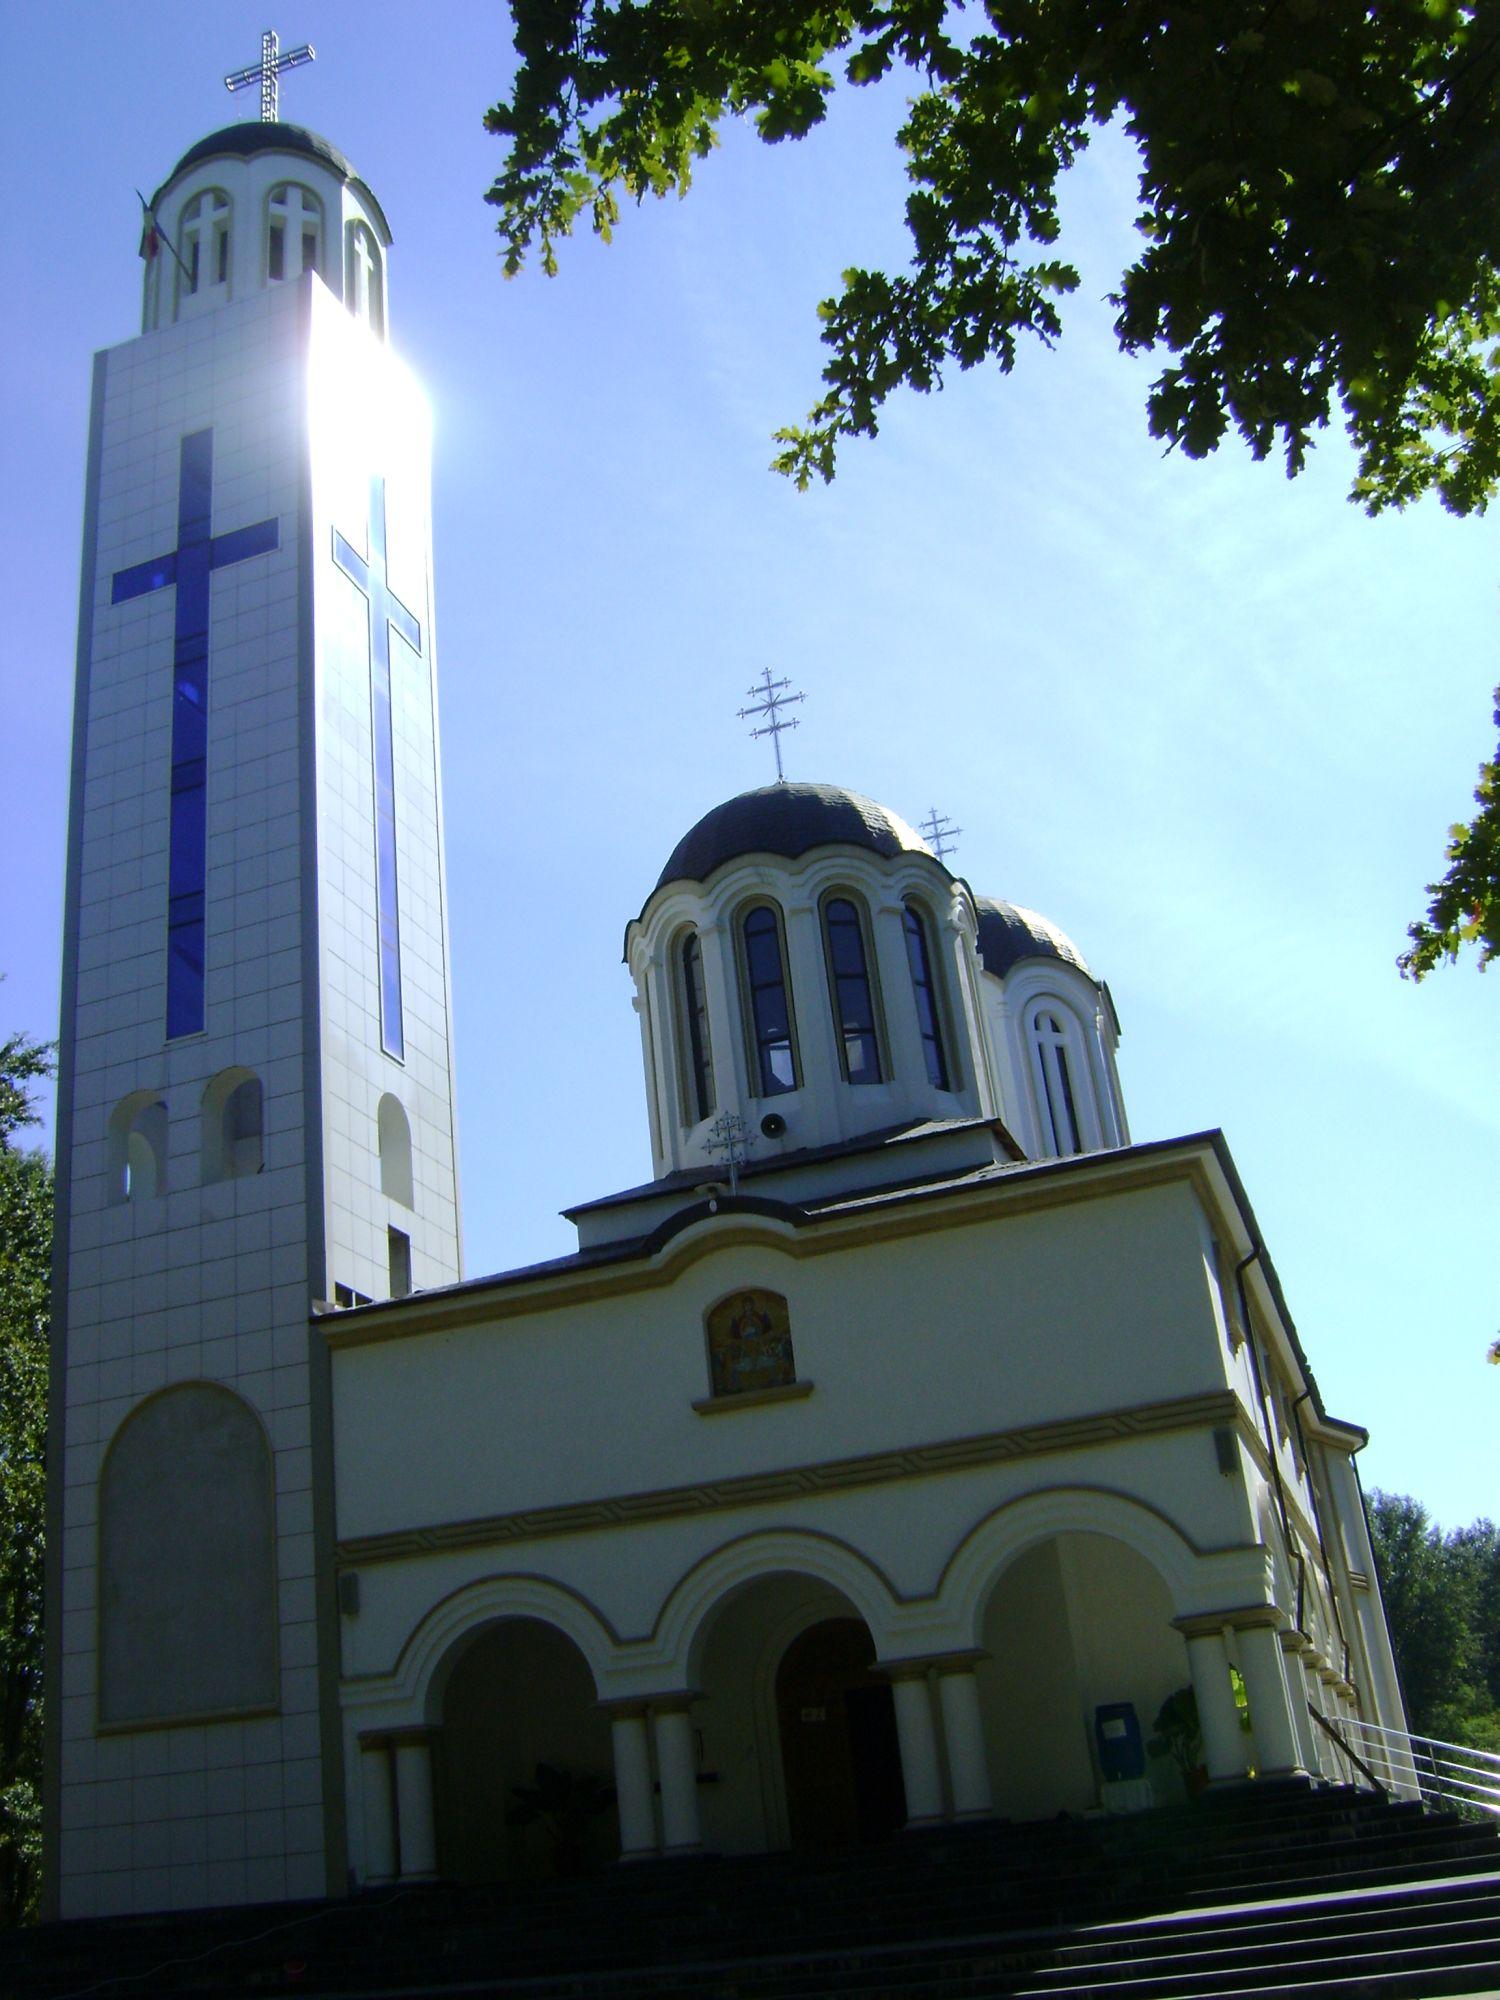 FOTO Feredeu, mănăstirea cu izvorul vindecător. O fată şi-a recăpătat vederea | scutere-galant.ro